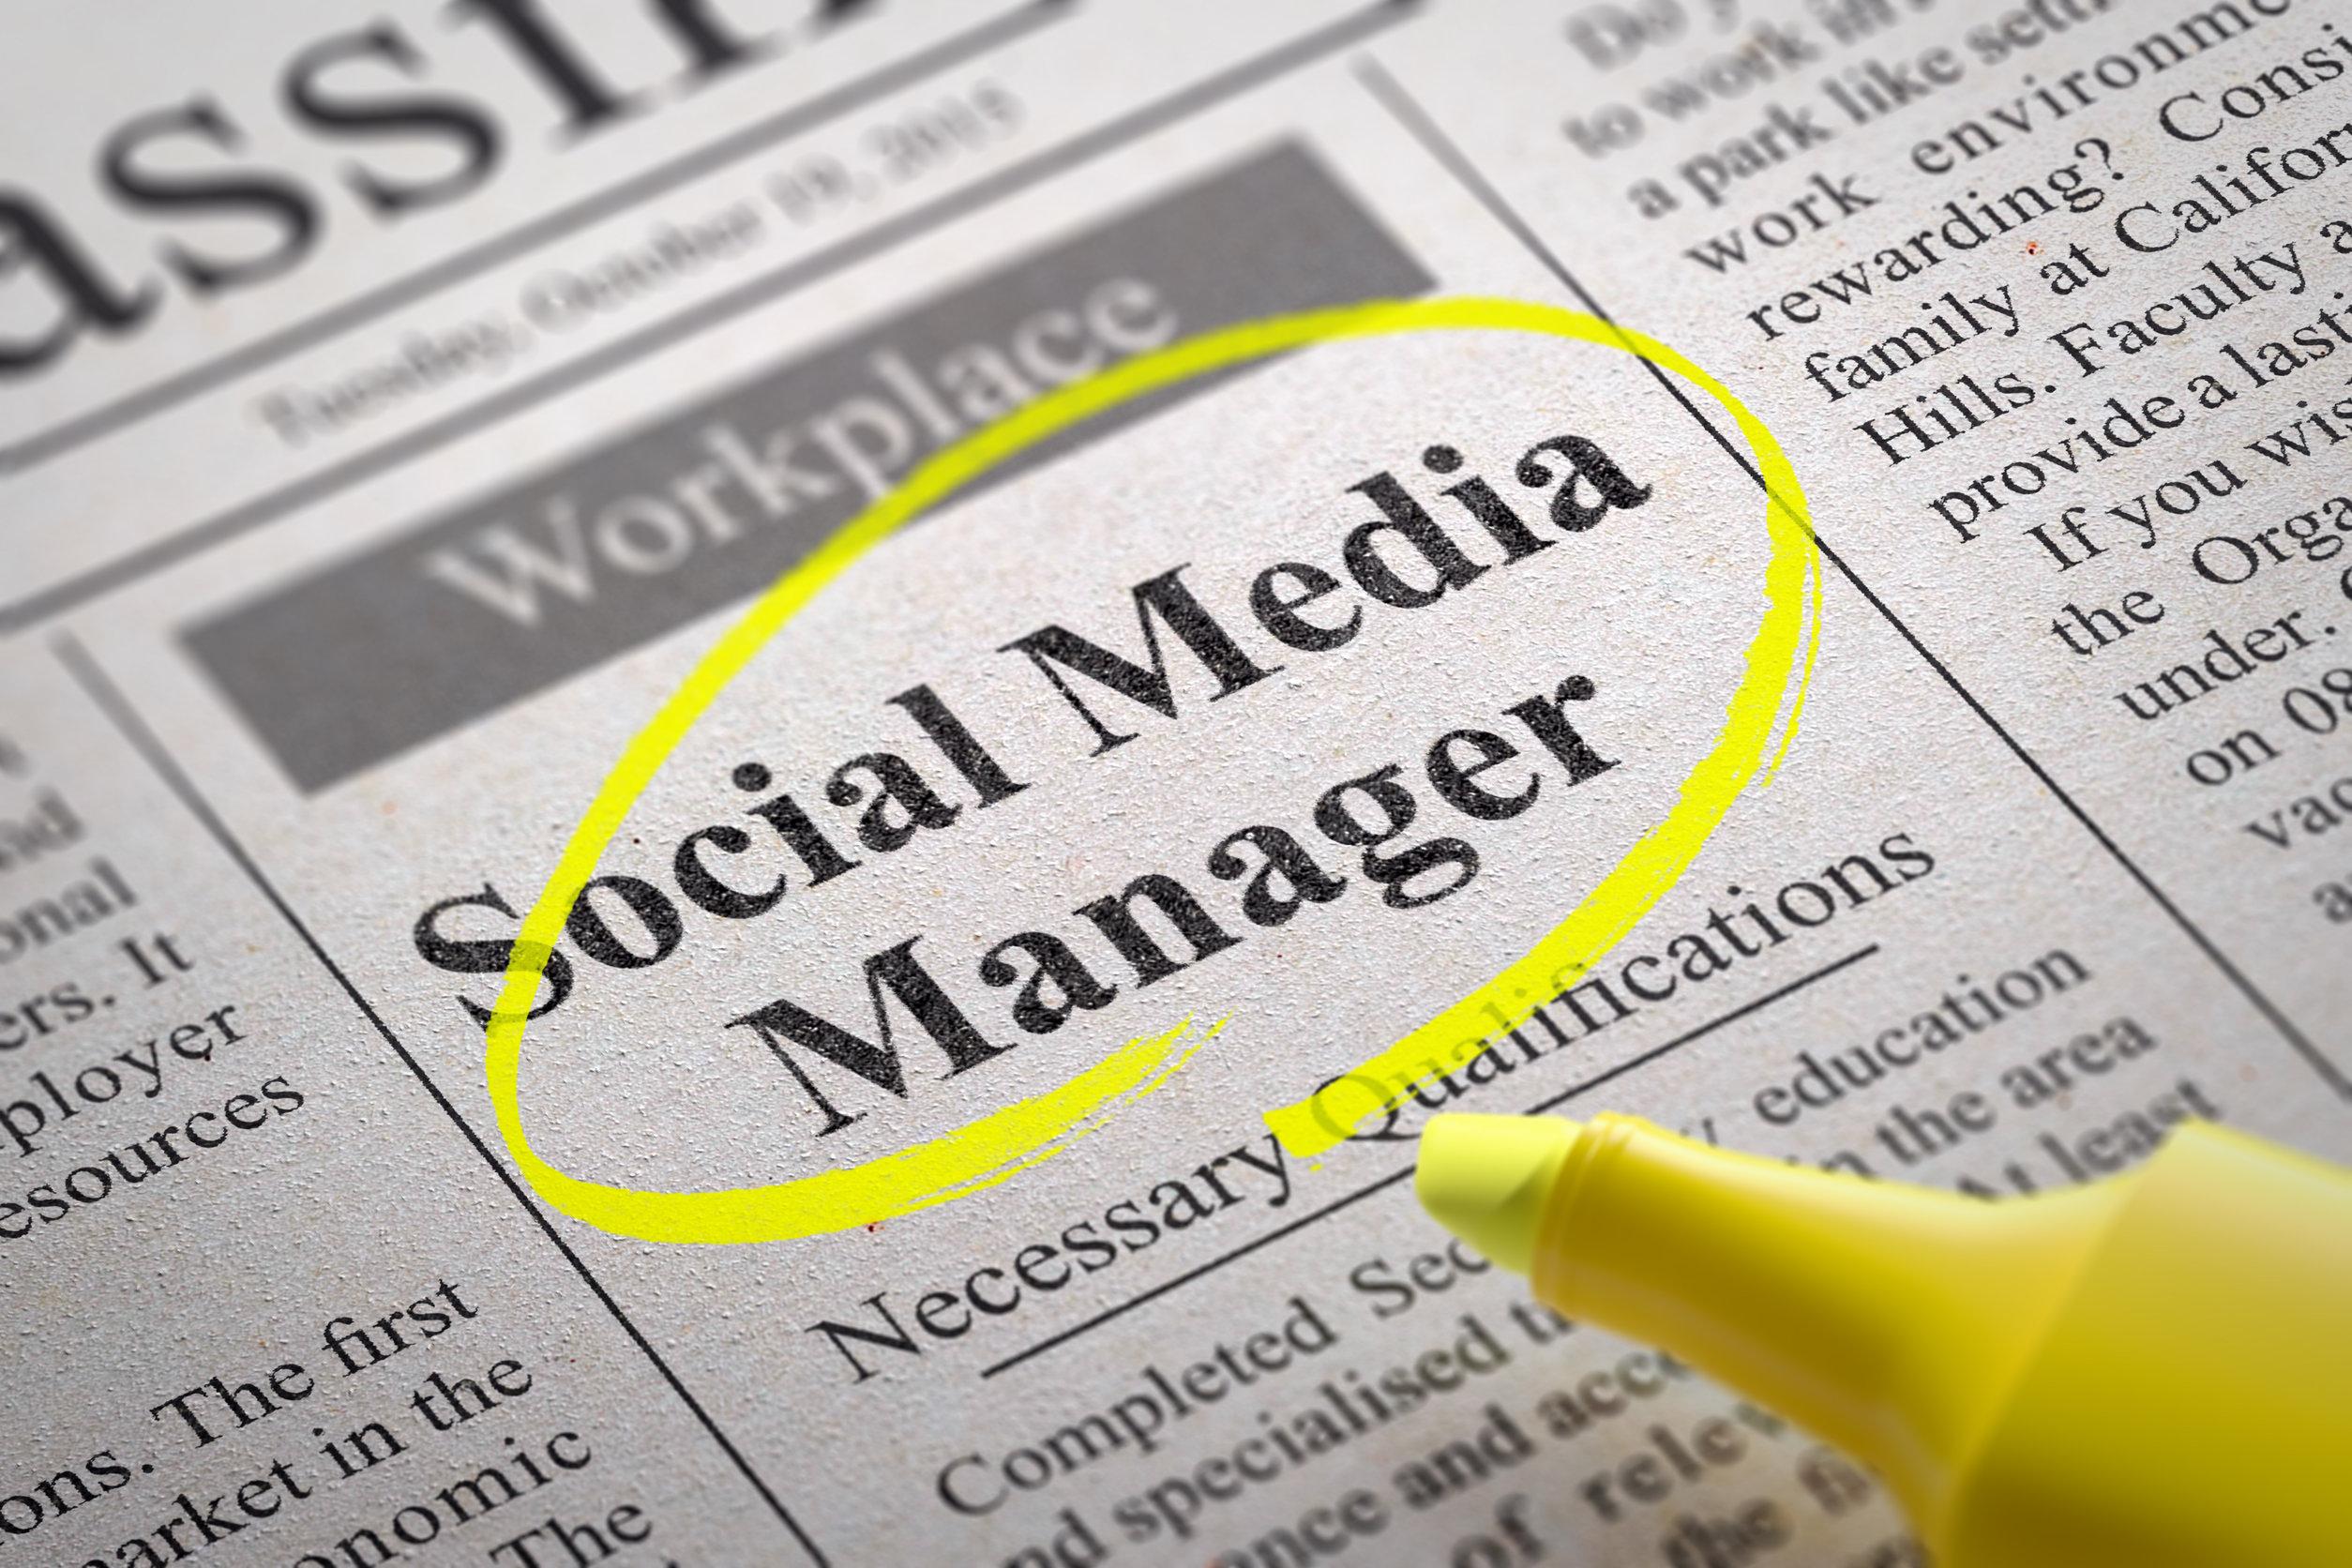 Social Media Manager dans les offres d'emploi des journaux.